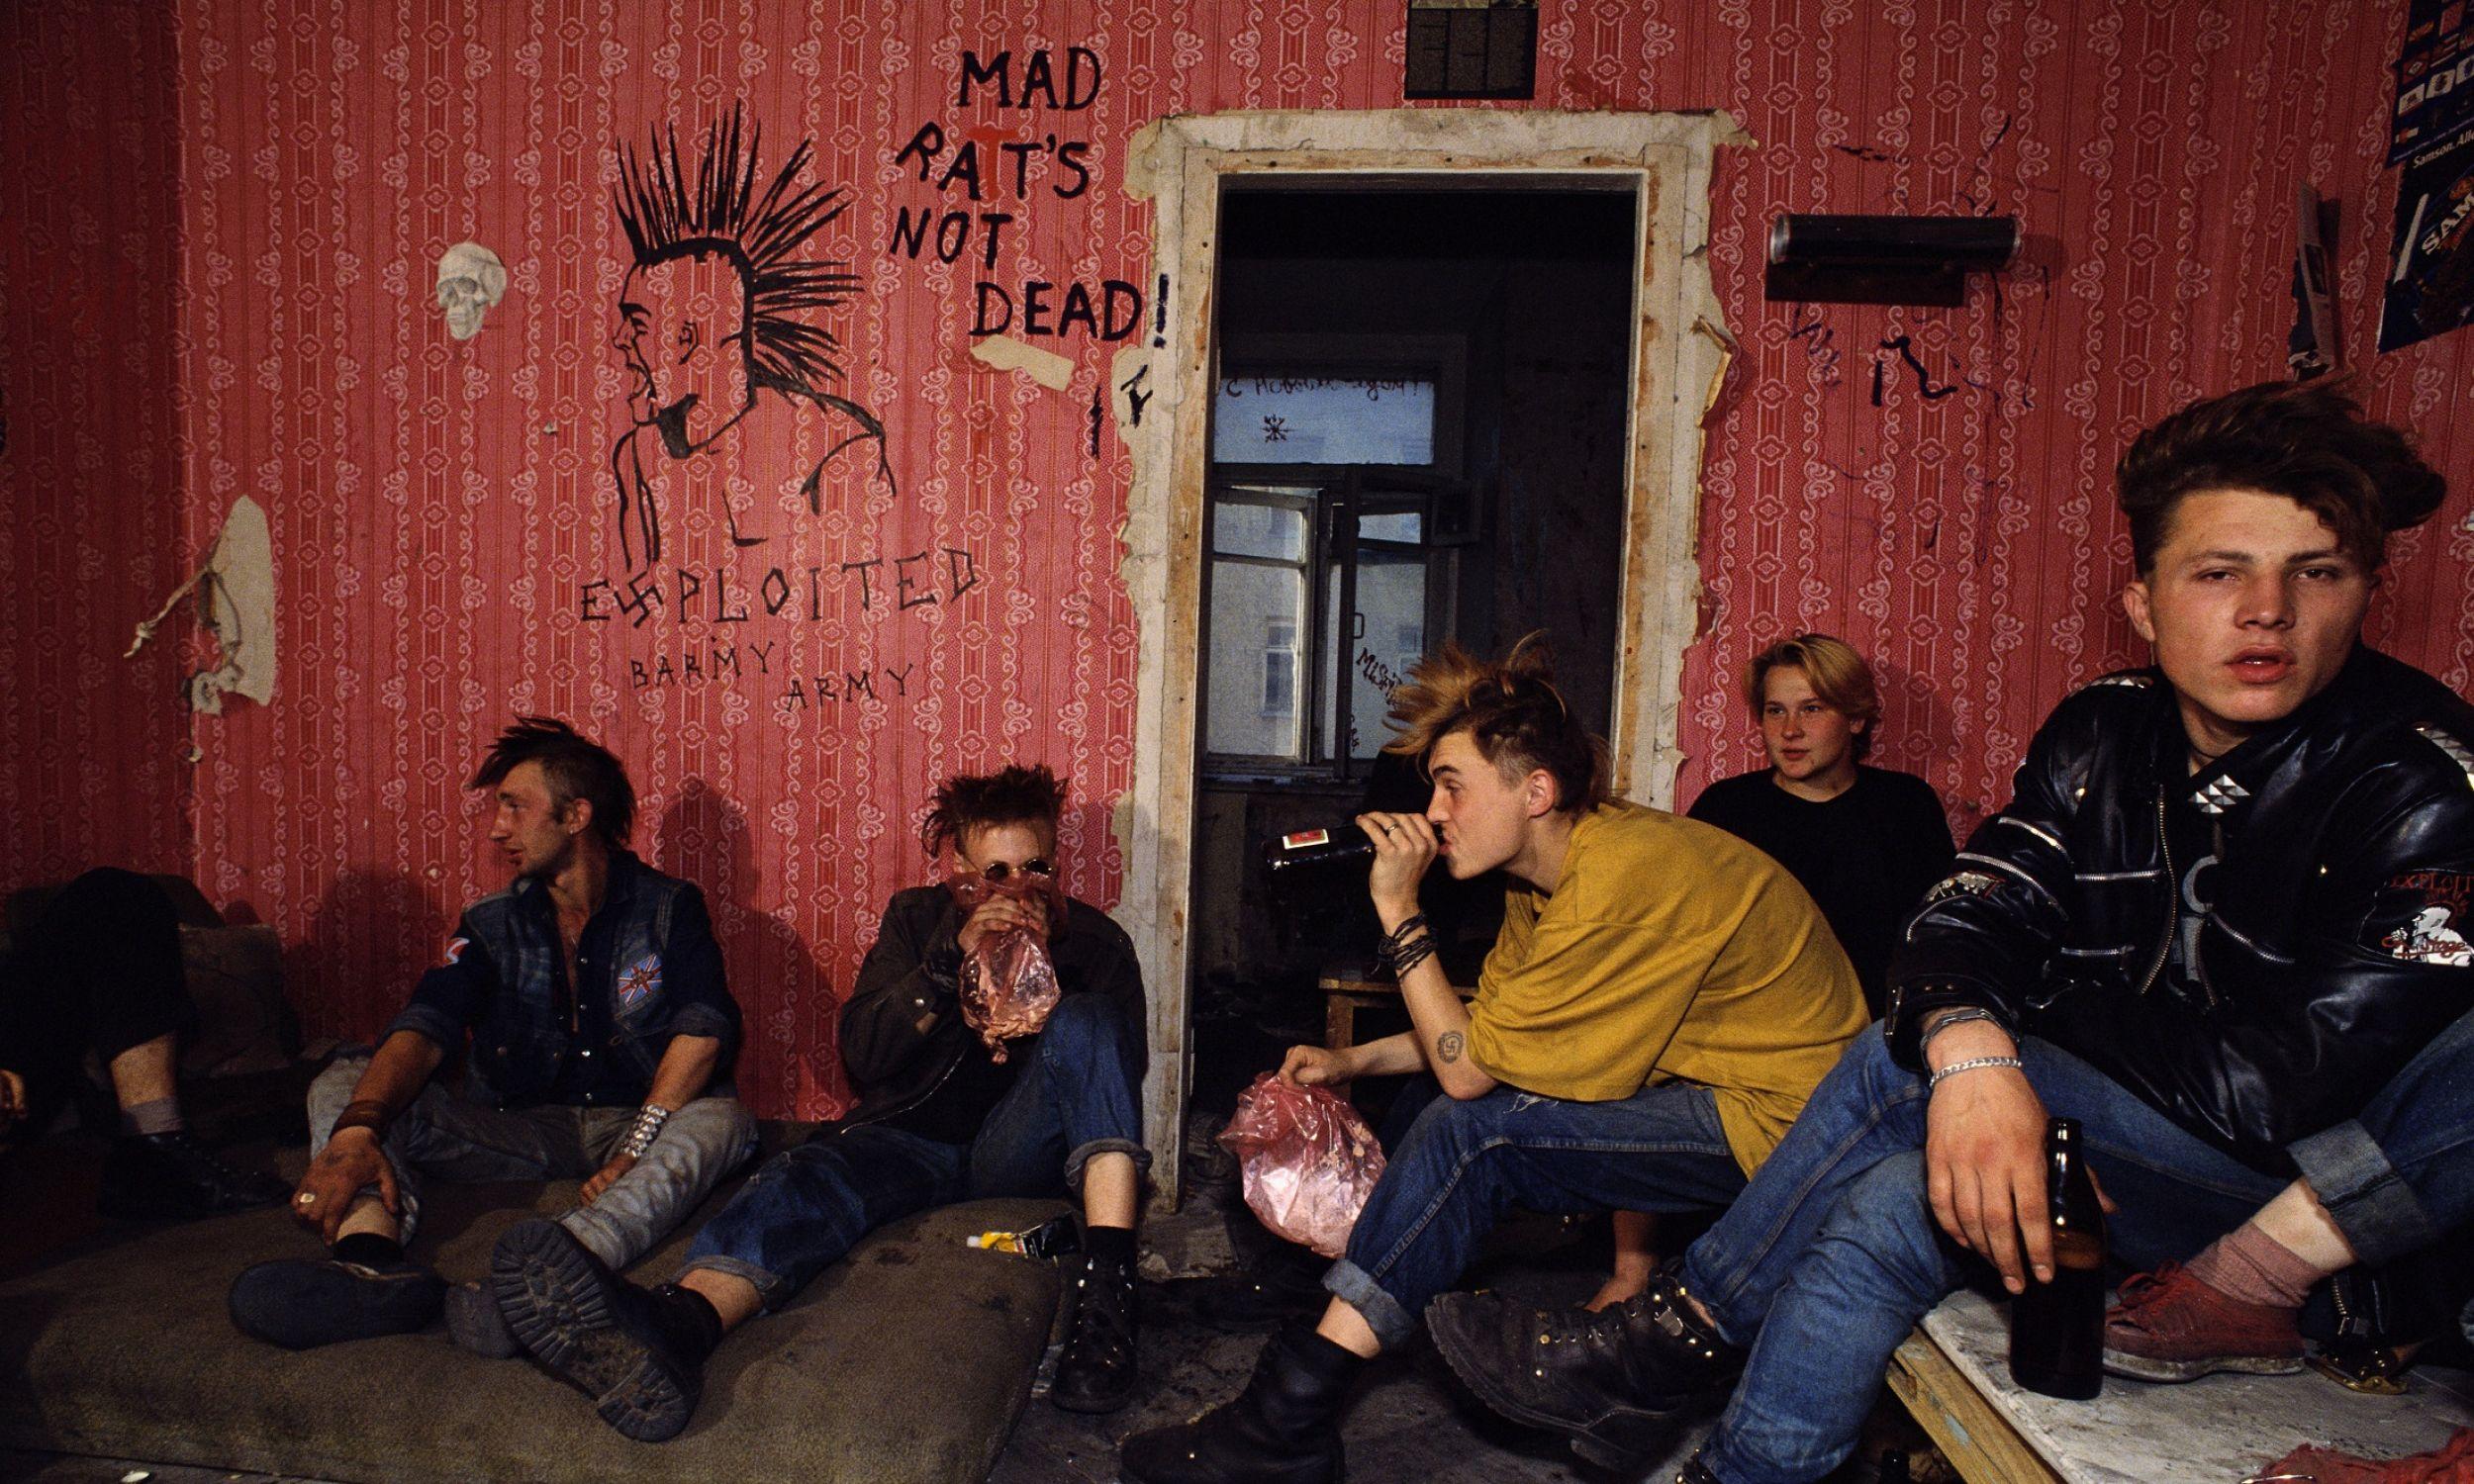 Grupa rosyjskich punków mieszkająca w opuszczonym budynku przy Placu Puszkina. Żywią się resztkami wyciągniętymi z koszy na śmieci Pizza Hut i McDonald's. Fot. Robert wallis / Corbis via Getty Images